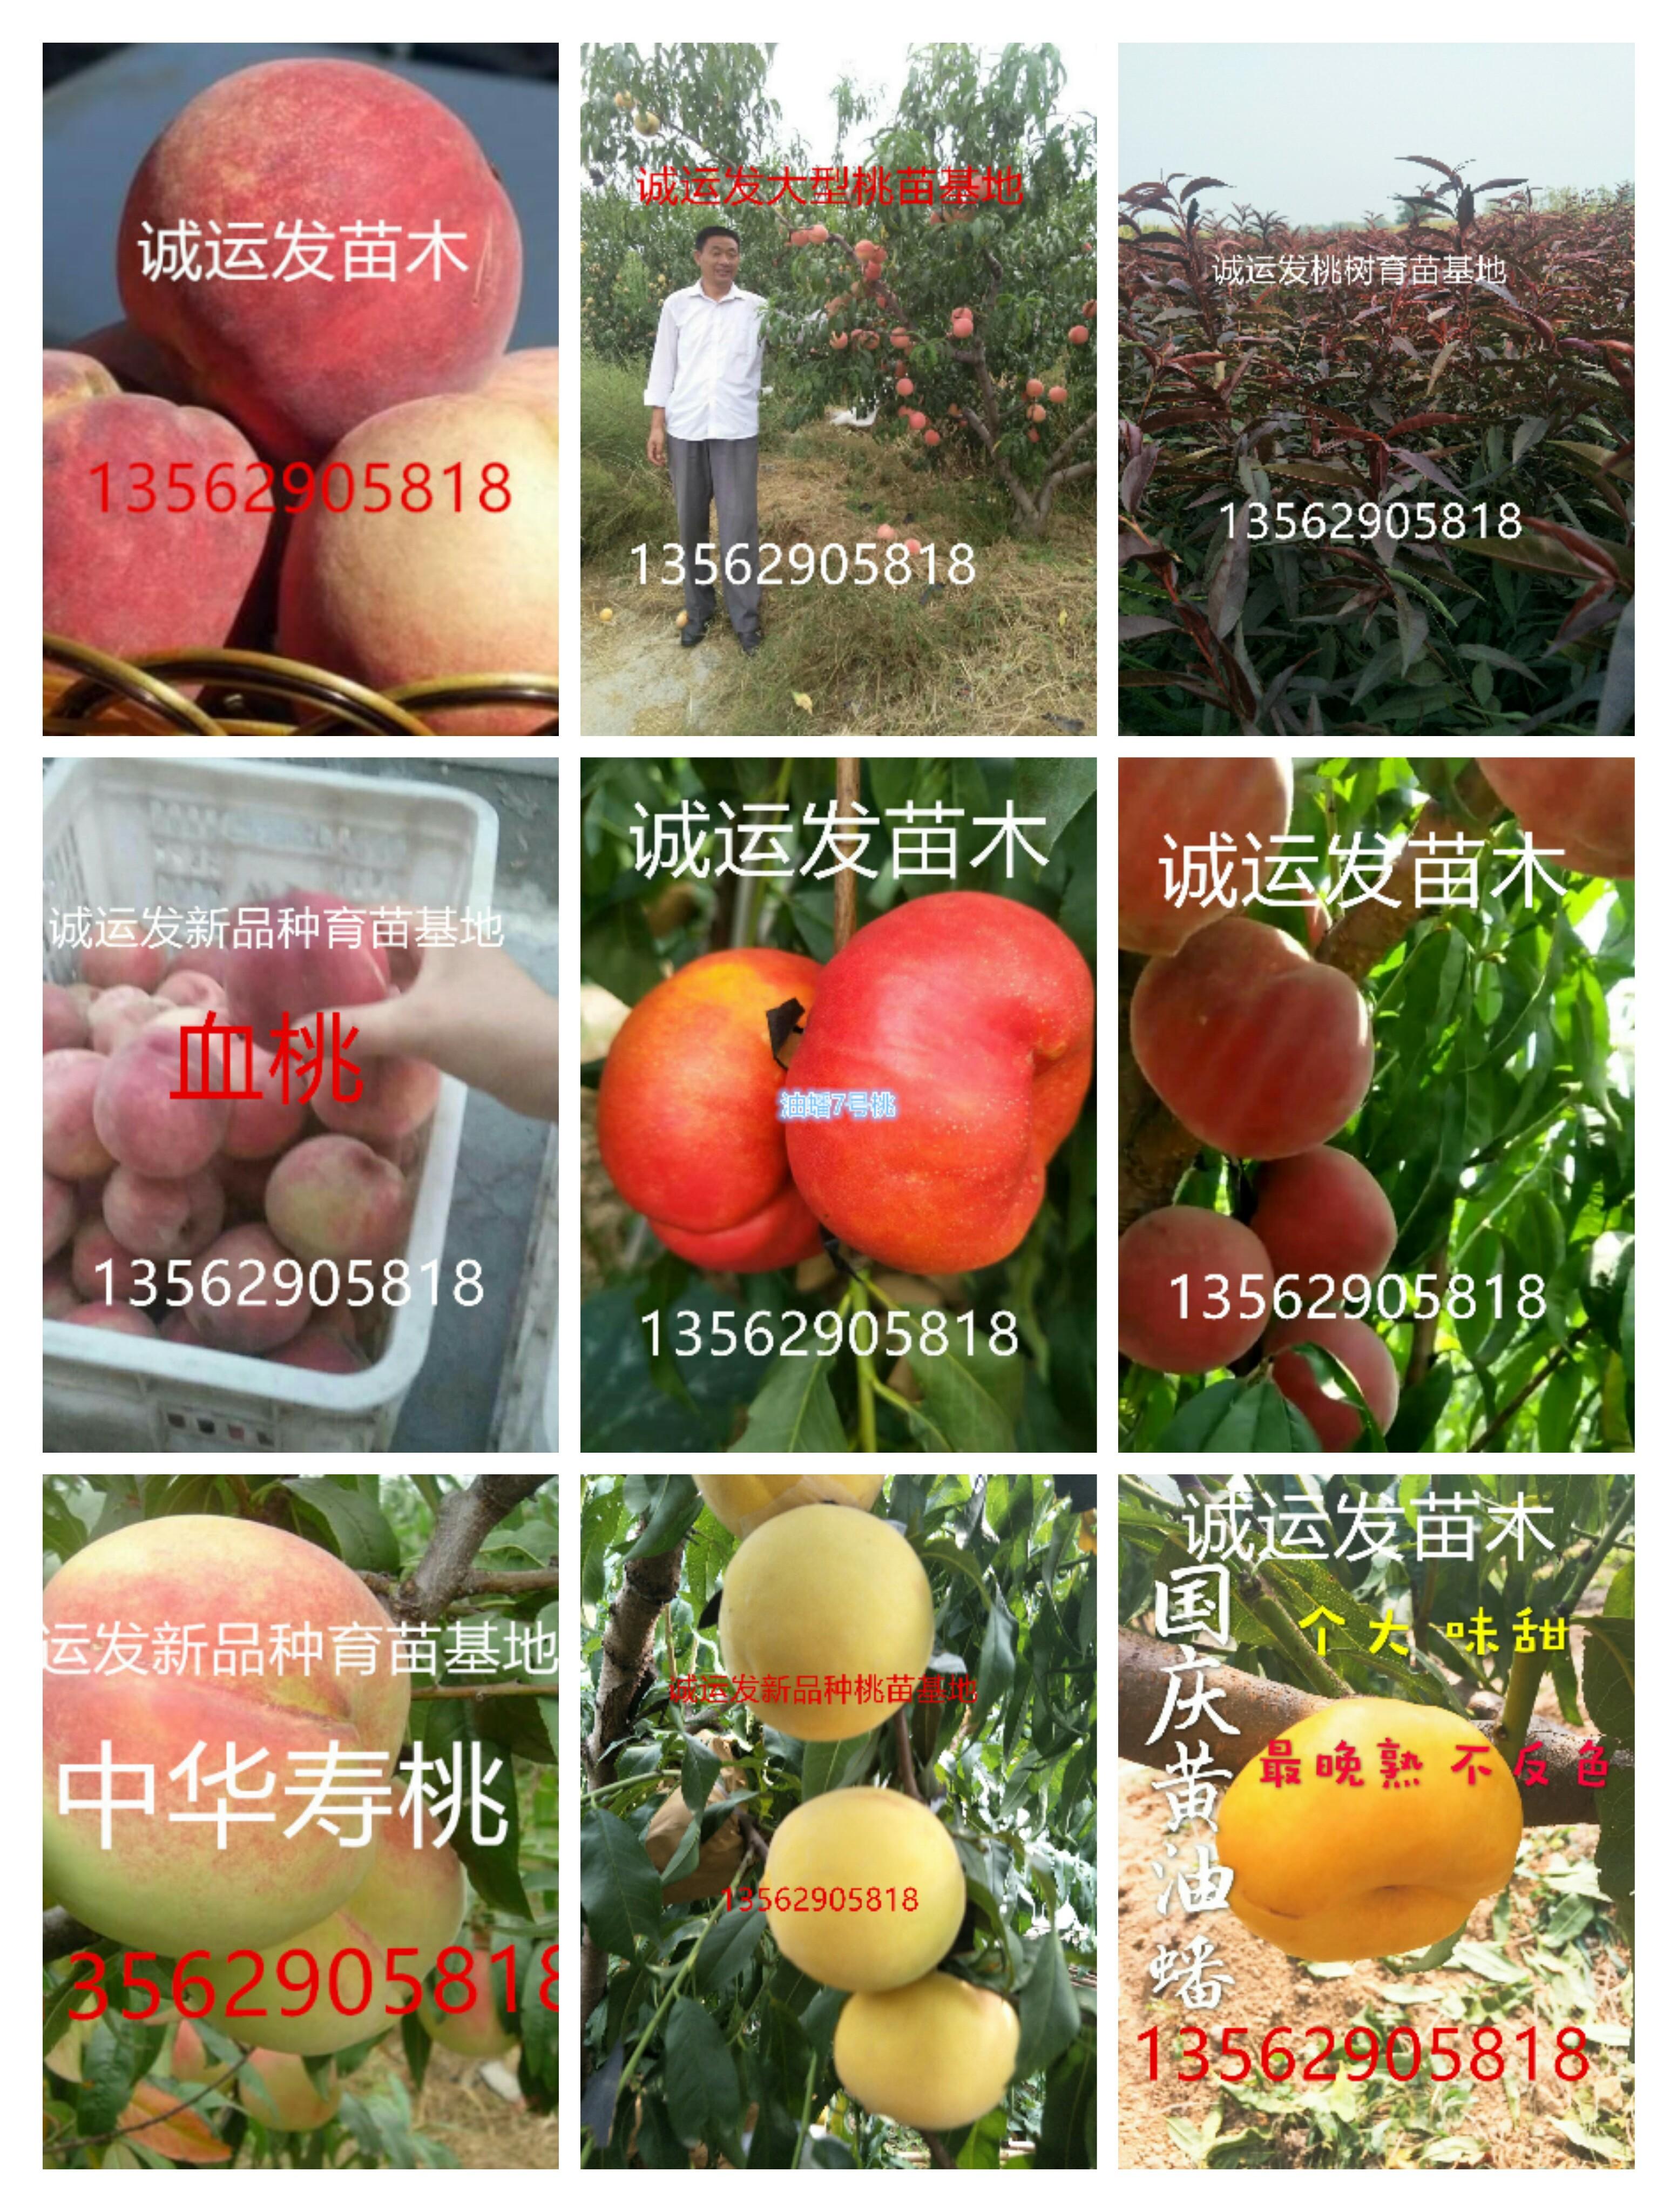 2,早熟桃—春  春简介:是所有新育成的特早熟新品种,成熟时是红色的